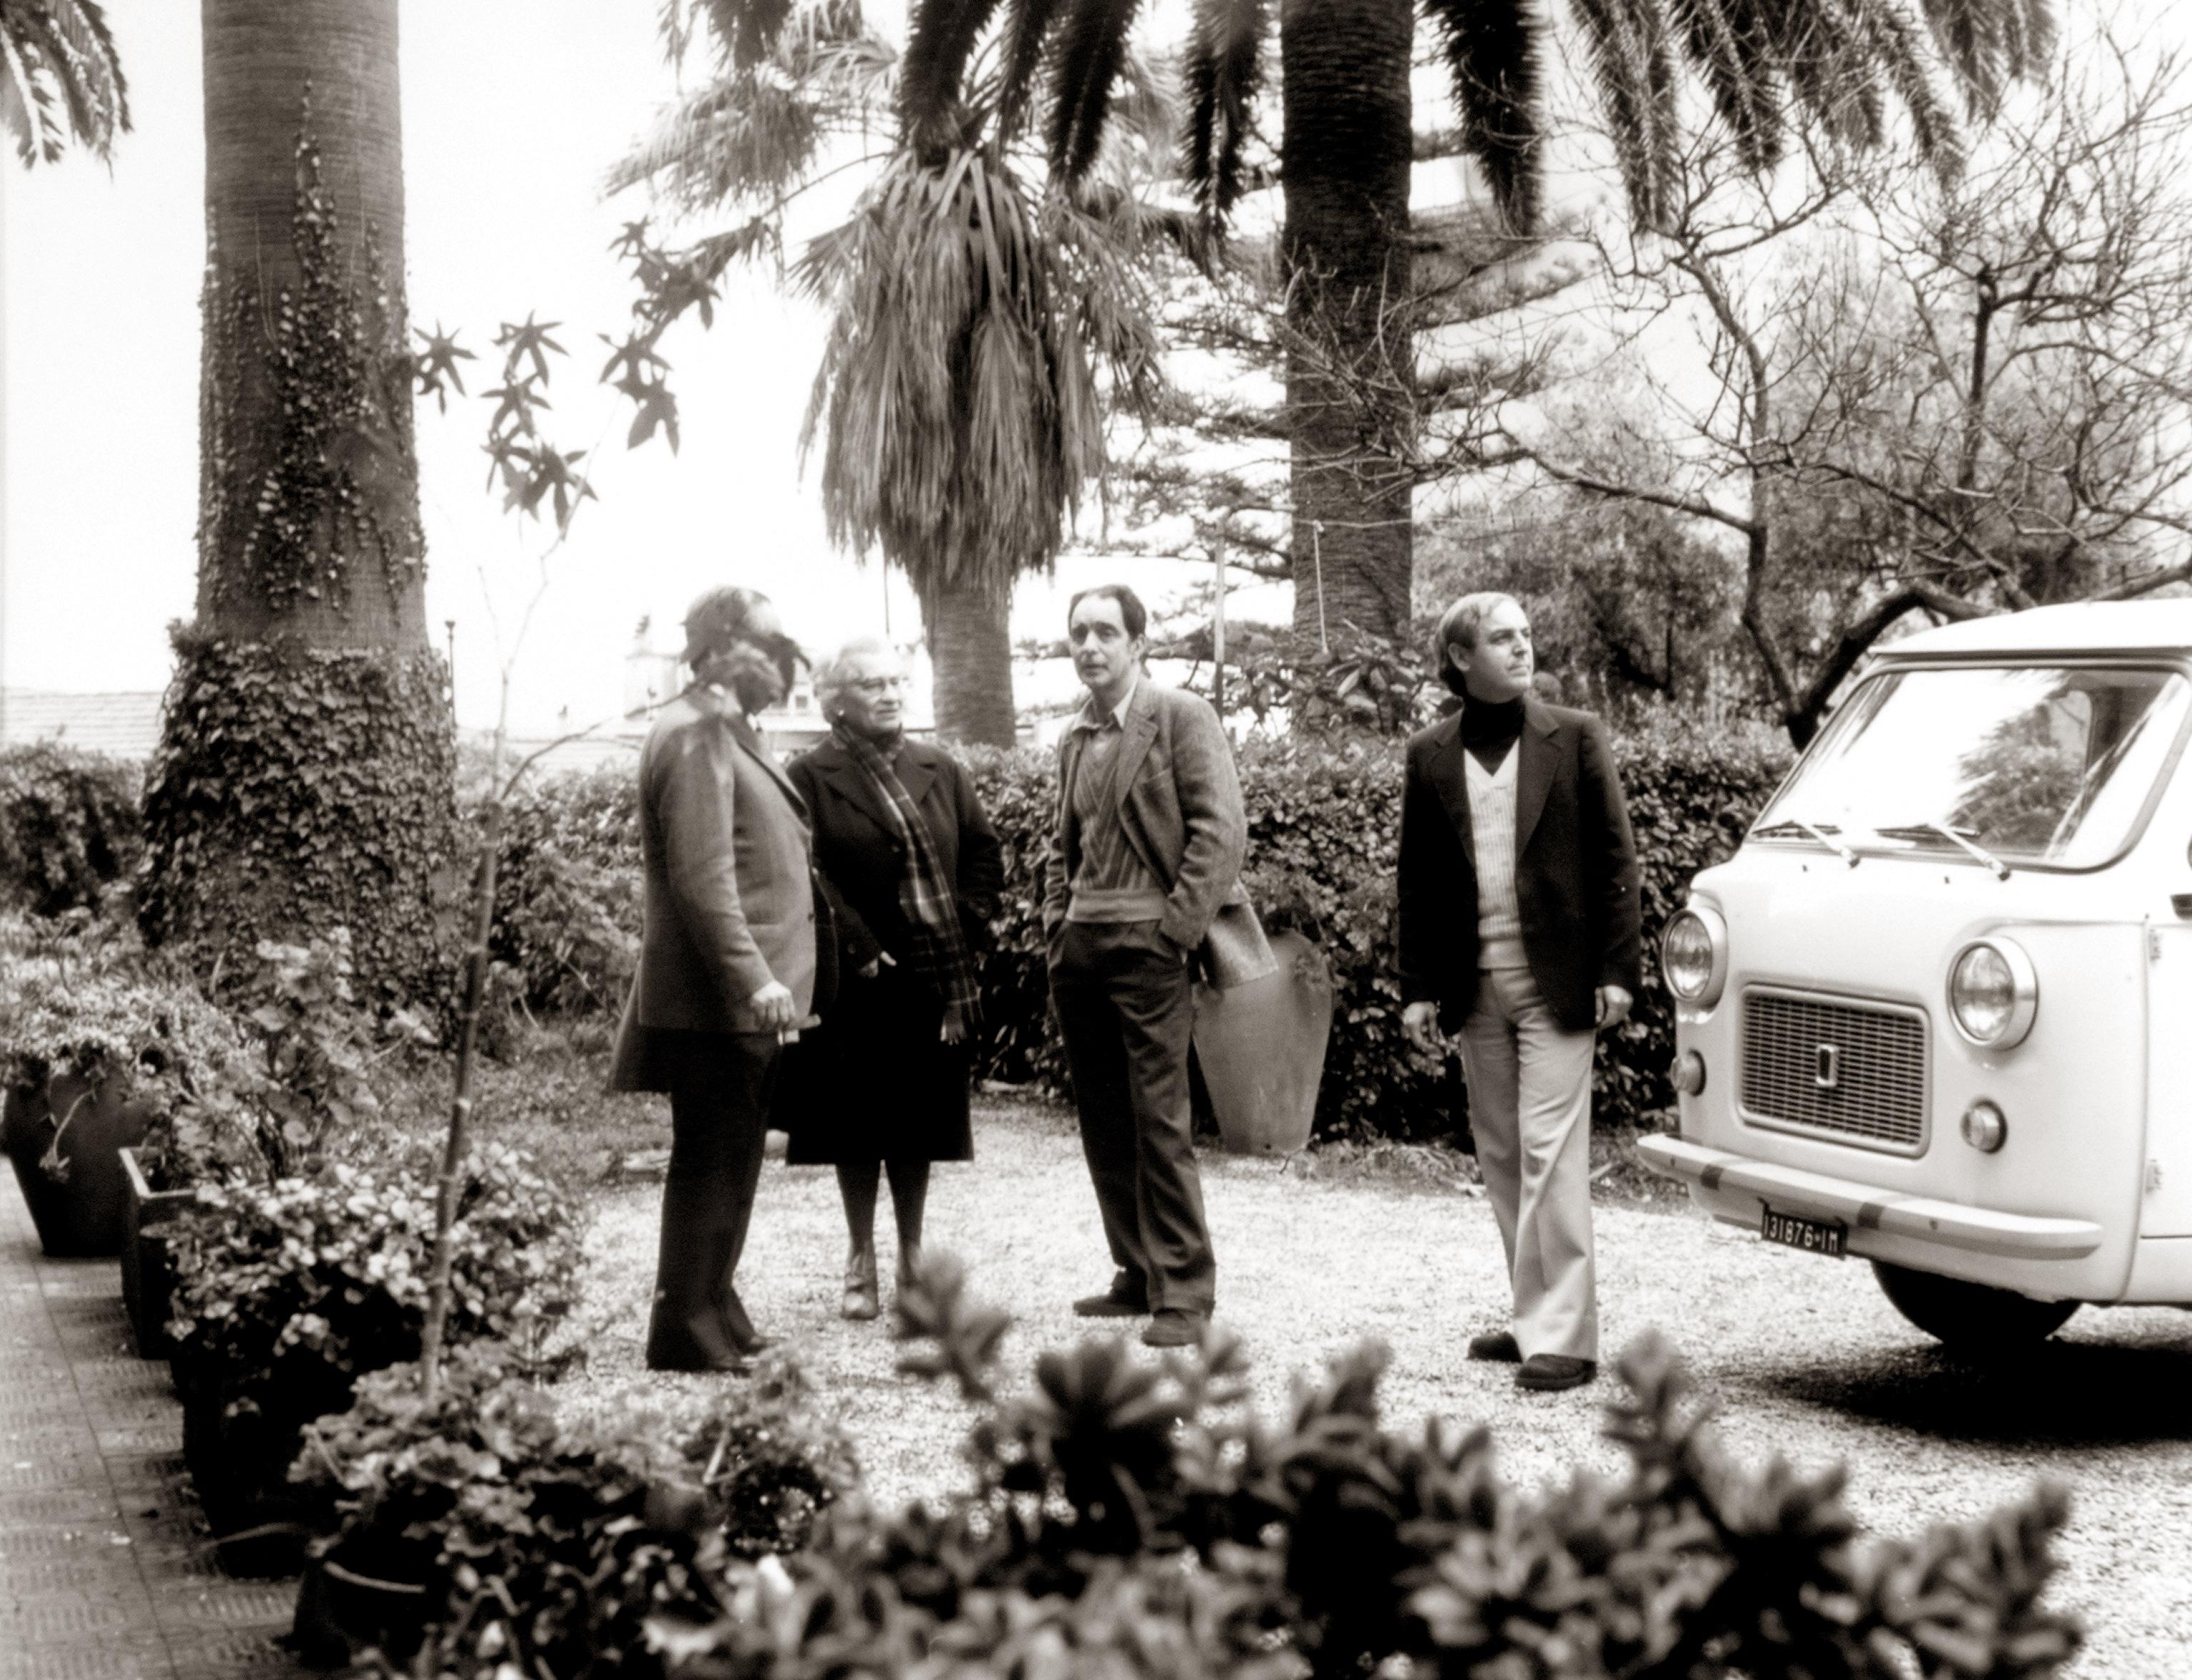 Nella memoria del giovane Italo c'è la villa Meridiana come un luogo di confine. Lui era attratto dalla vitalità cittadina, dal mondo meraviglioso e luminoso della Sanremo cosmopolita, ricca di…